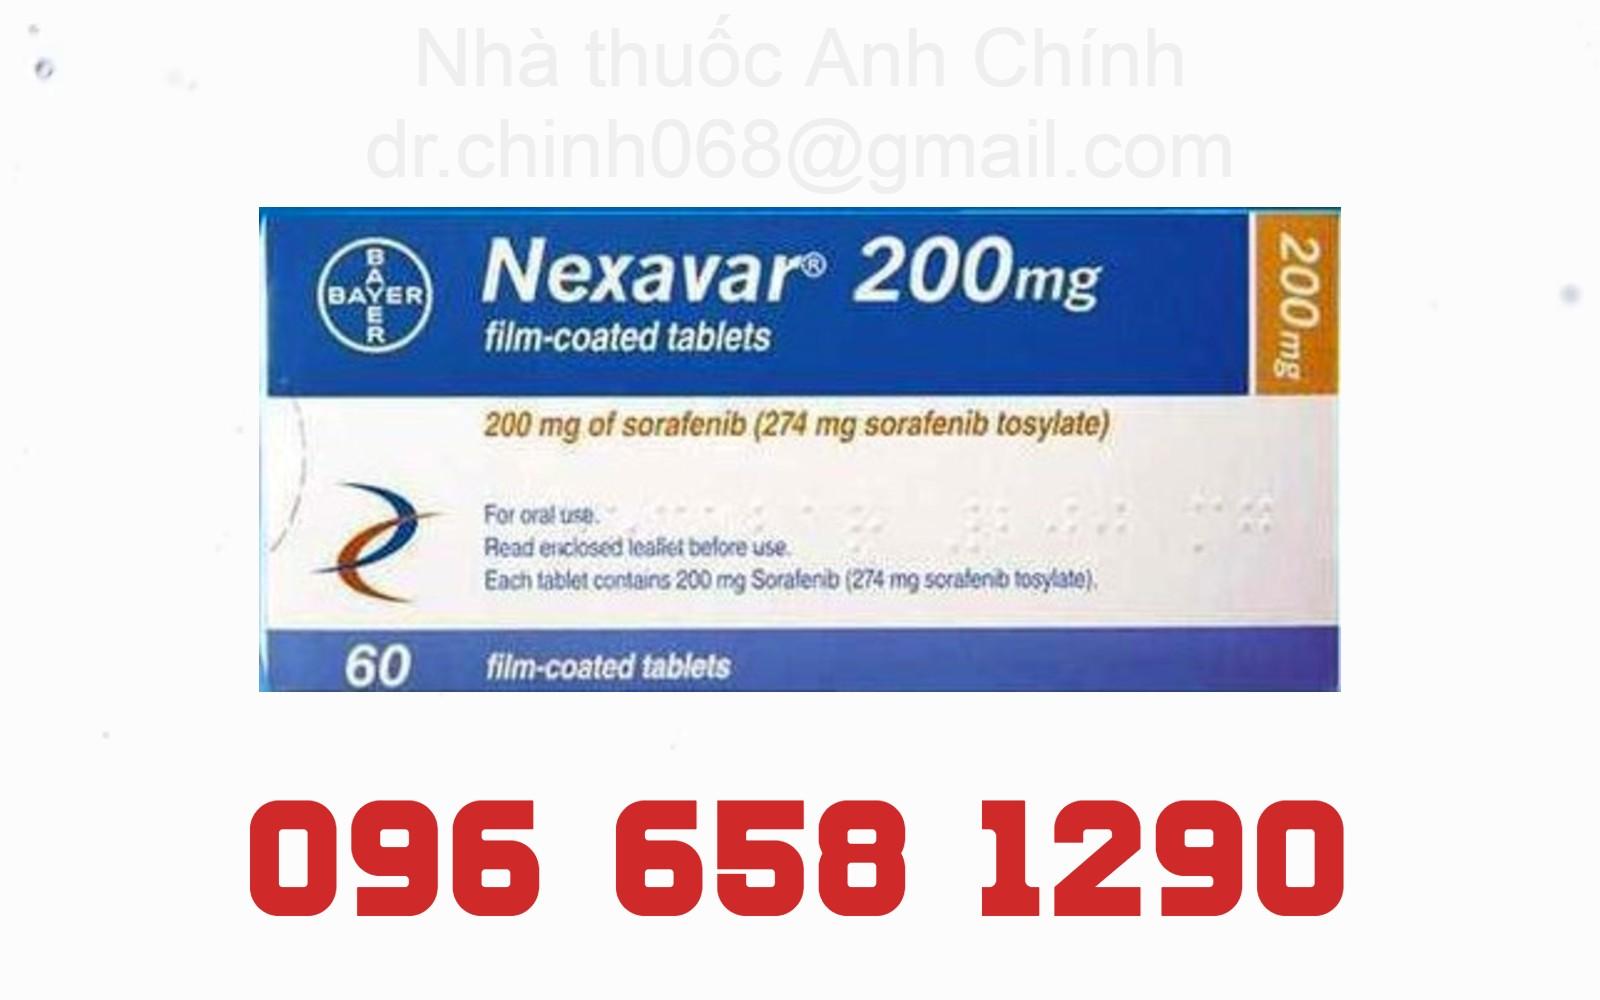 Thuốc Nexavar 200mg - Nhà thuốc Anh Chính